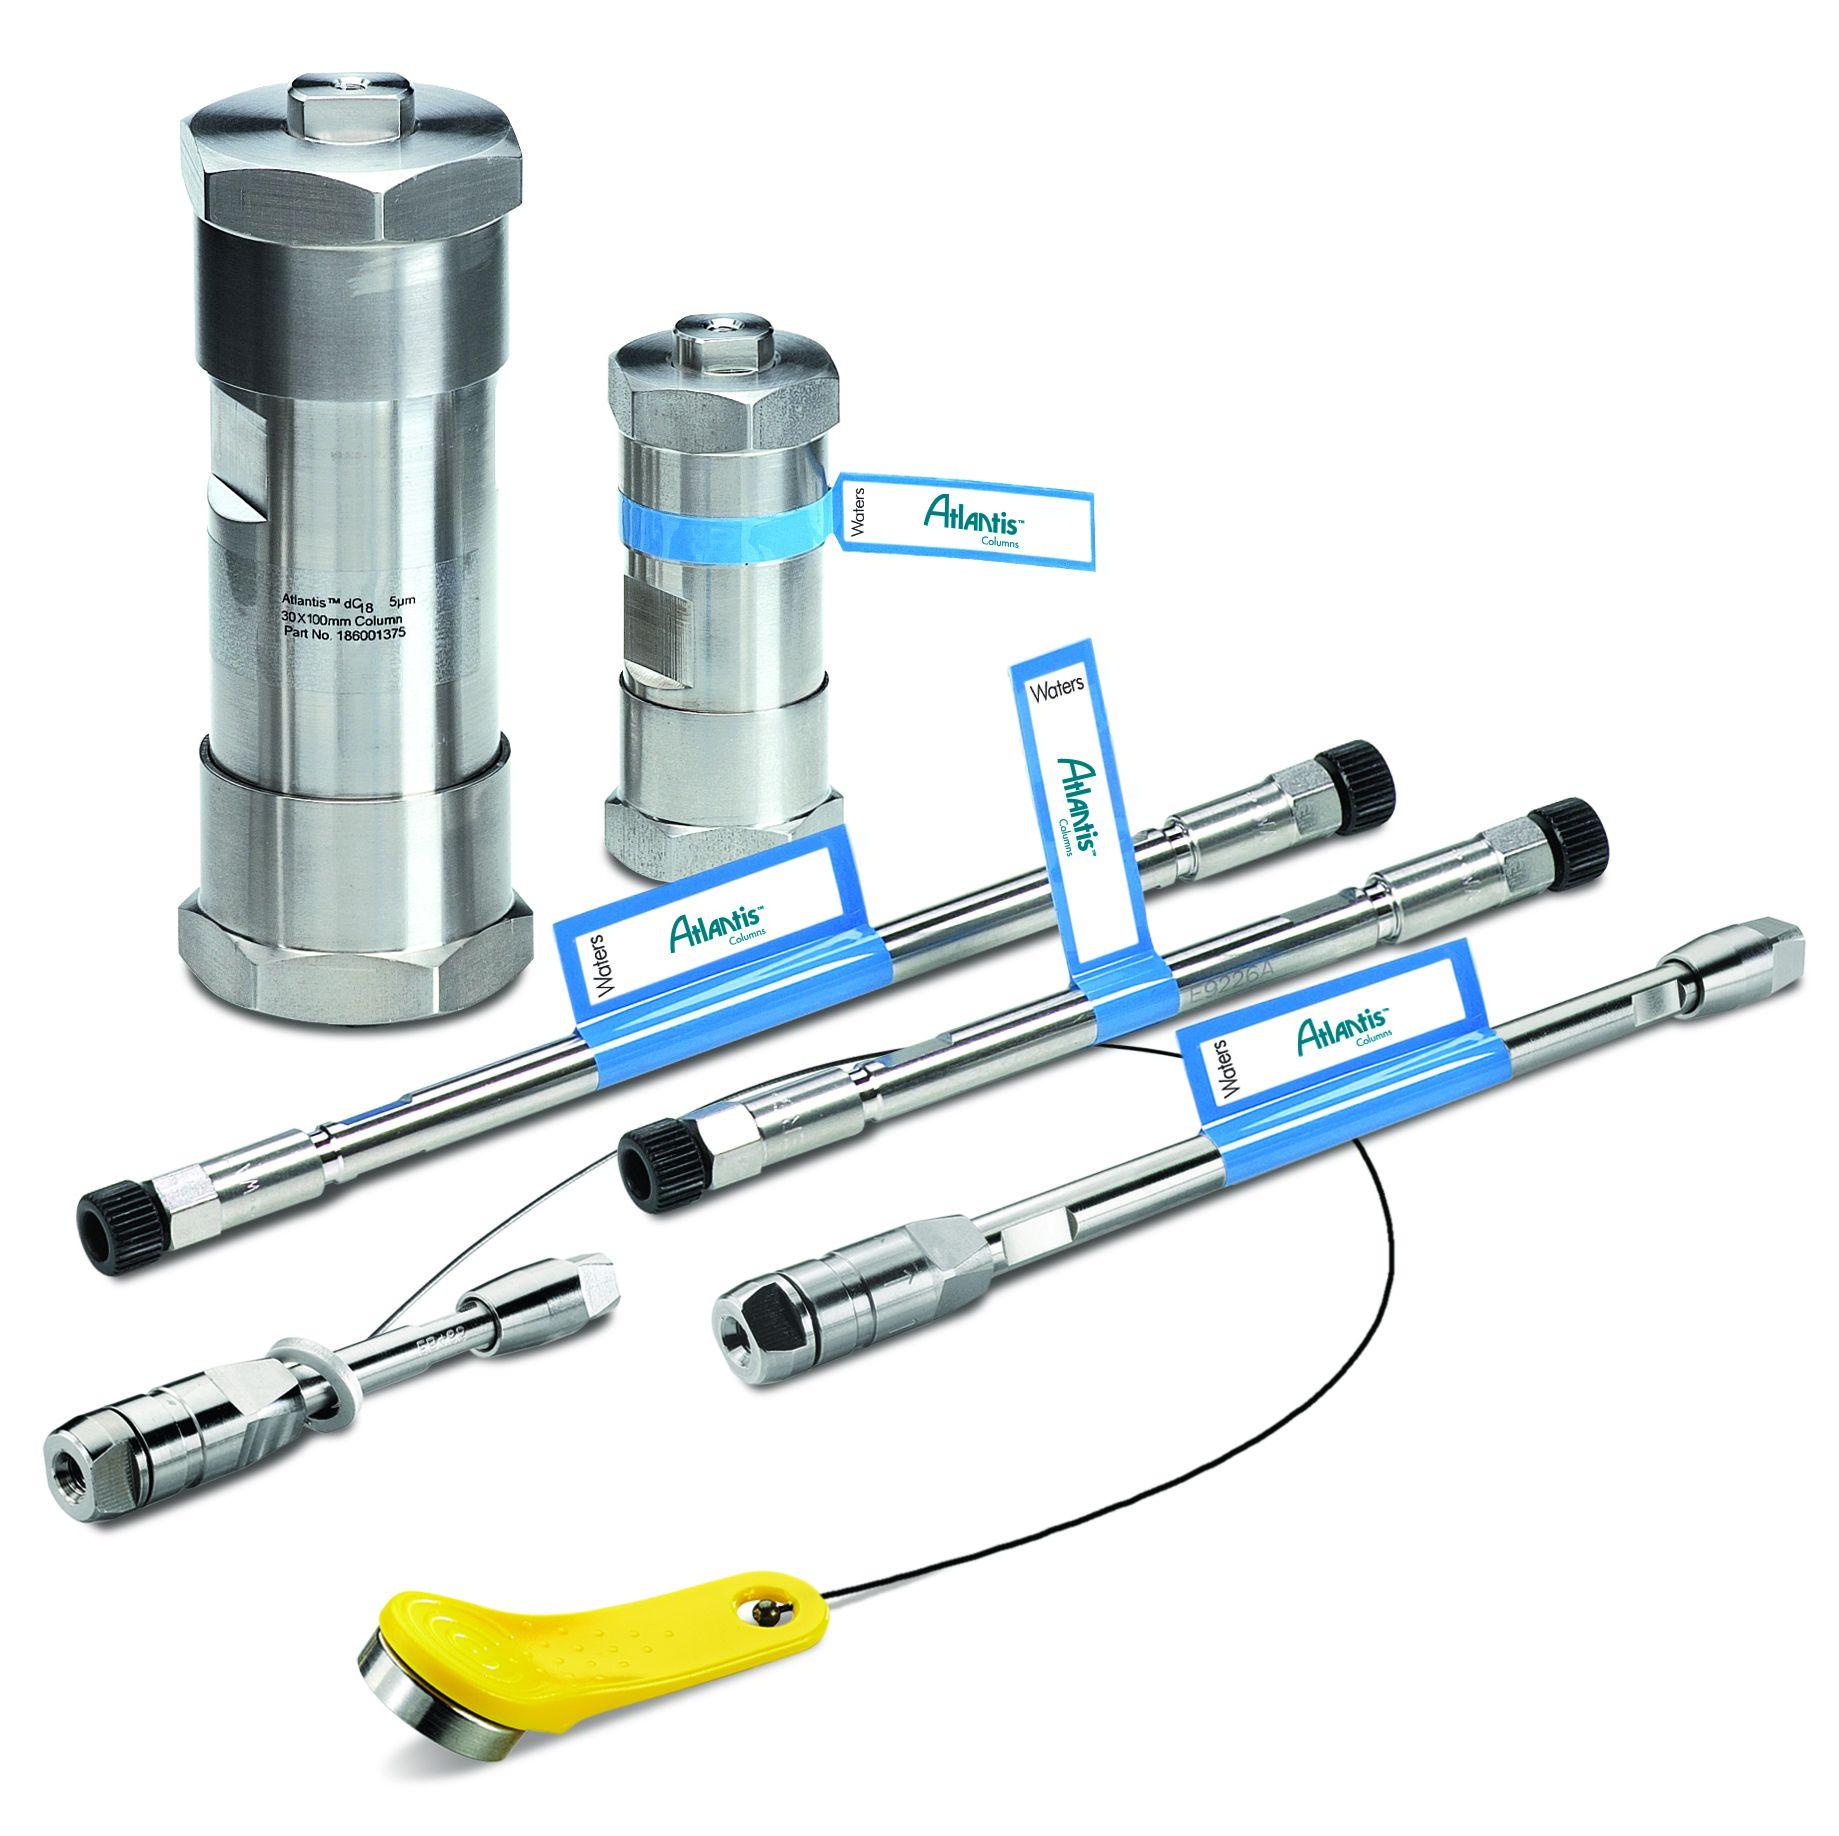 186008499沃特世液相色谱柱CORTECS UPLC T3 Column, 120Å, 1.6 µm, 2.1 mm X 100 mm, 1/pkg现货特价